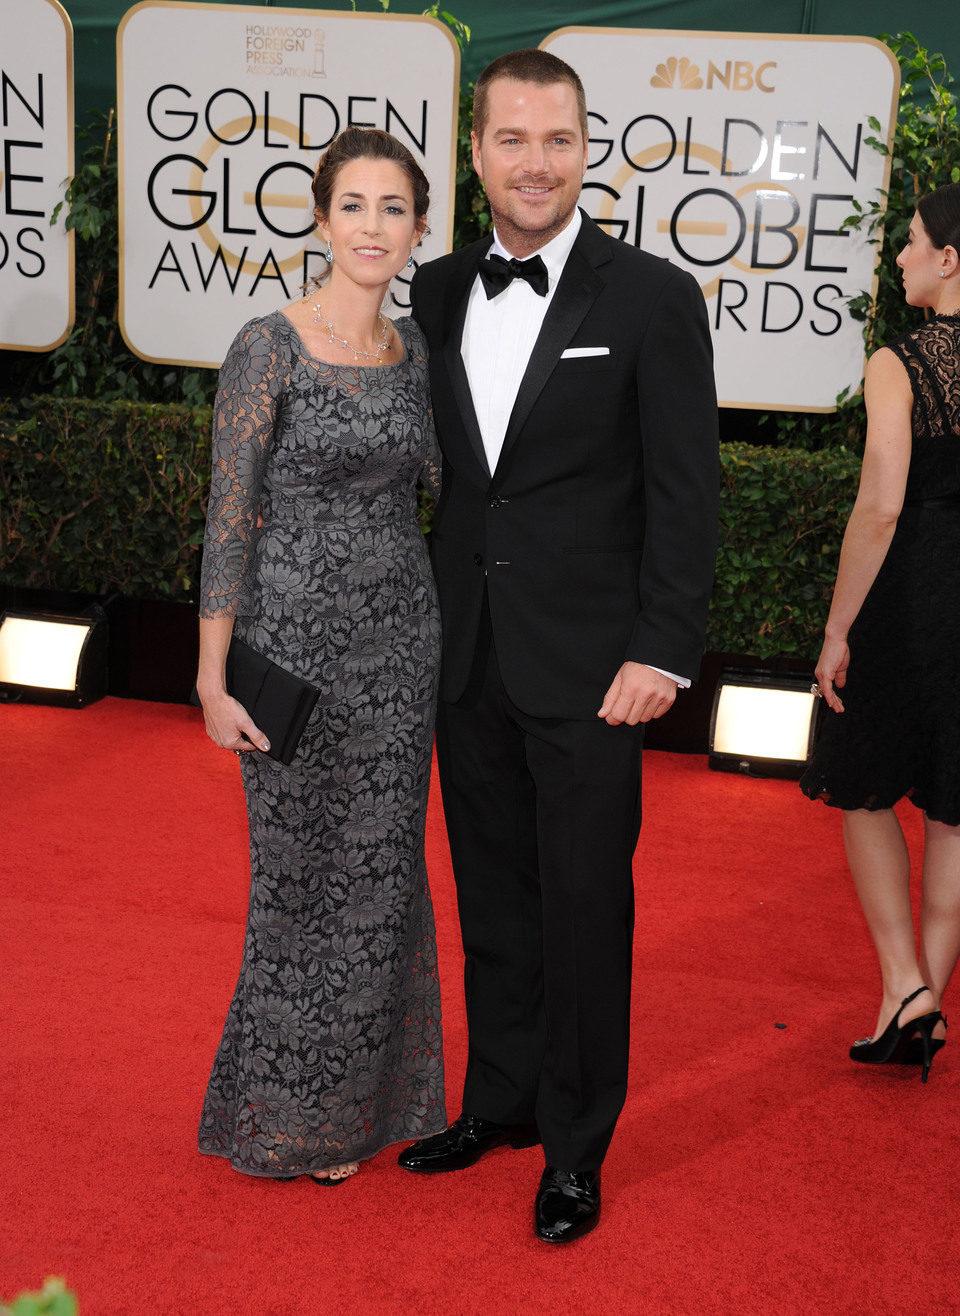 Chris O'Donnell en los Globos de Oro 2014